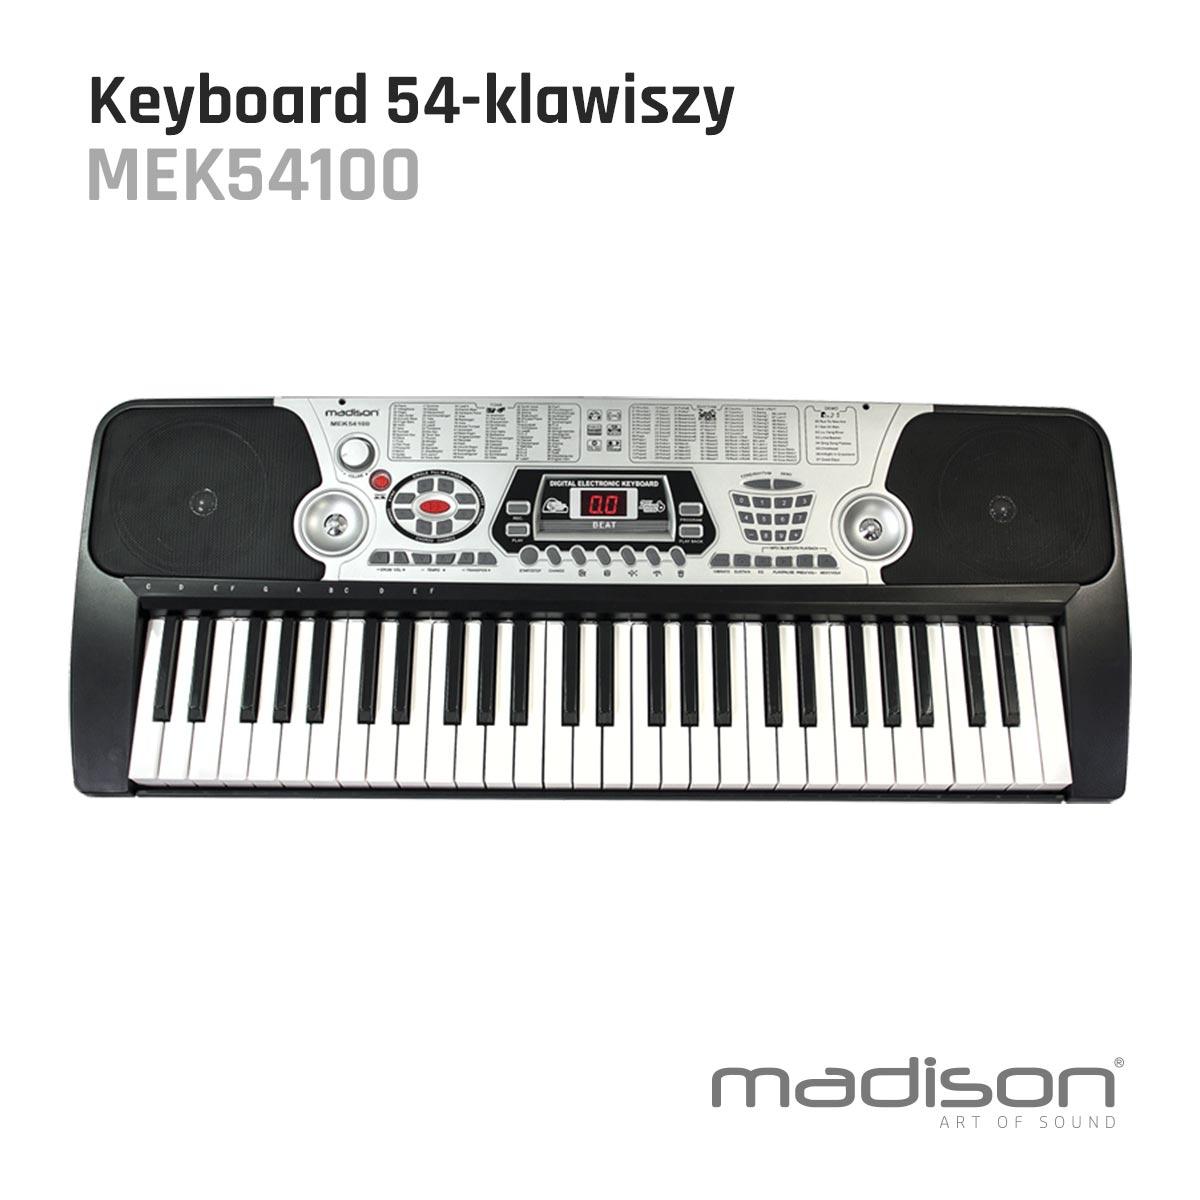 Keyboard z 54 klawiszami